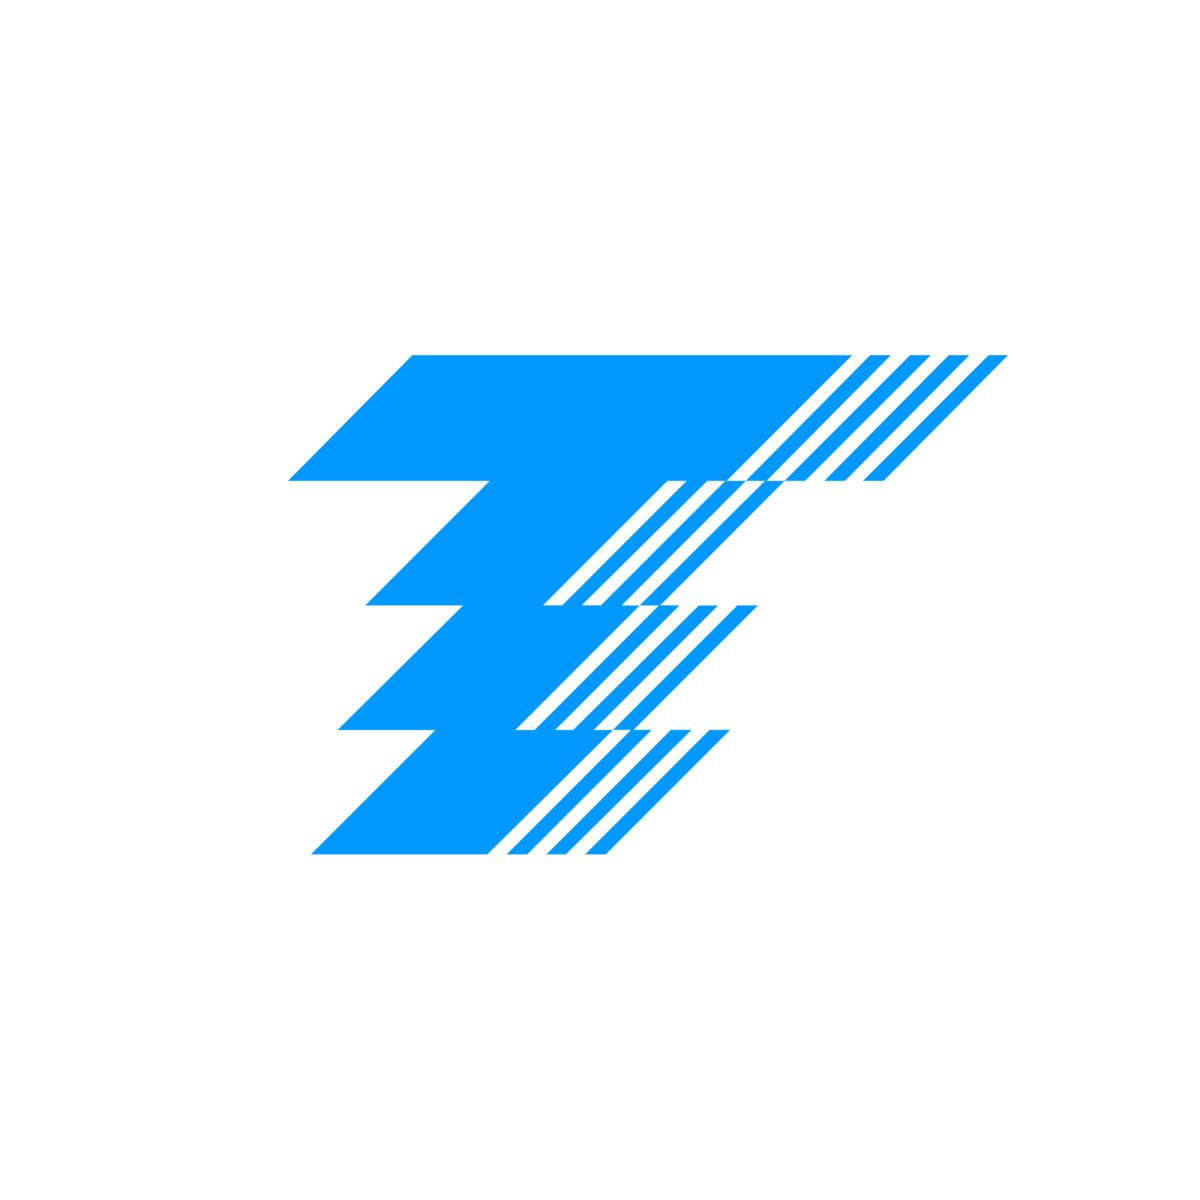 Tsubaki Logo United States In 2021 Letter T Letter Logo Lettering